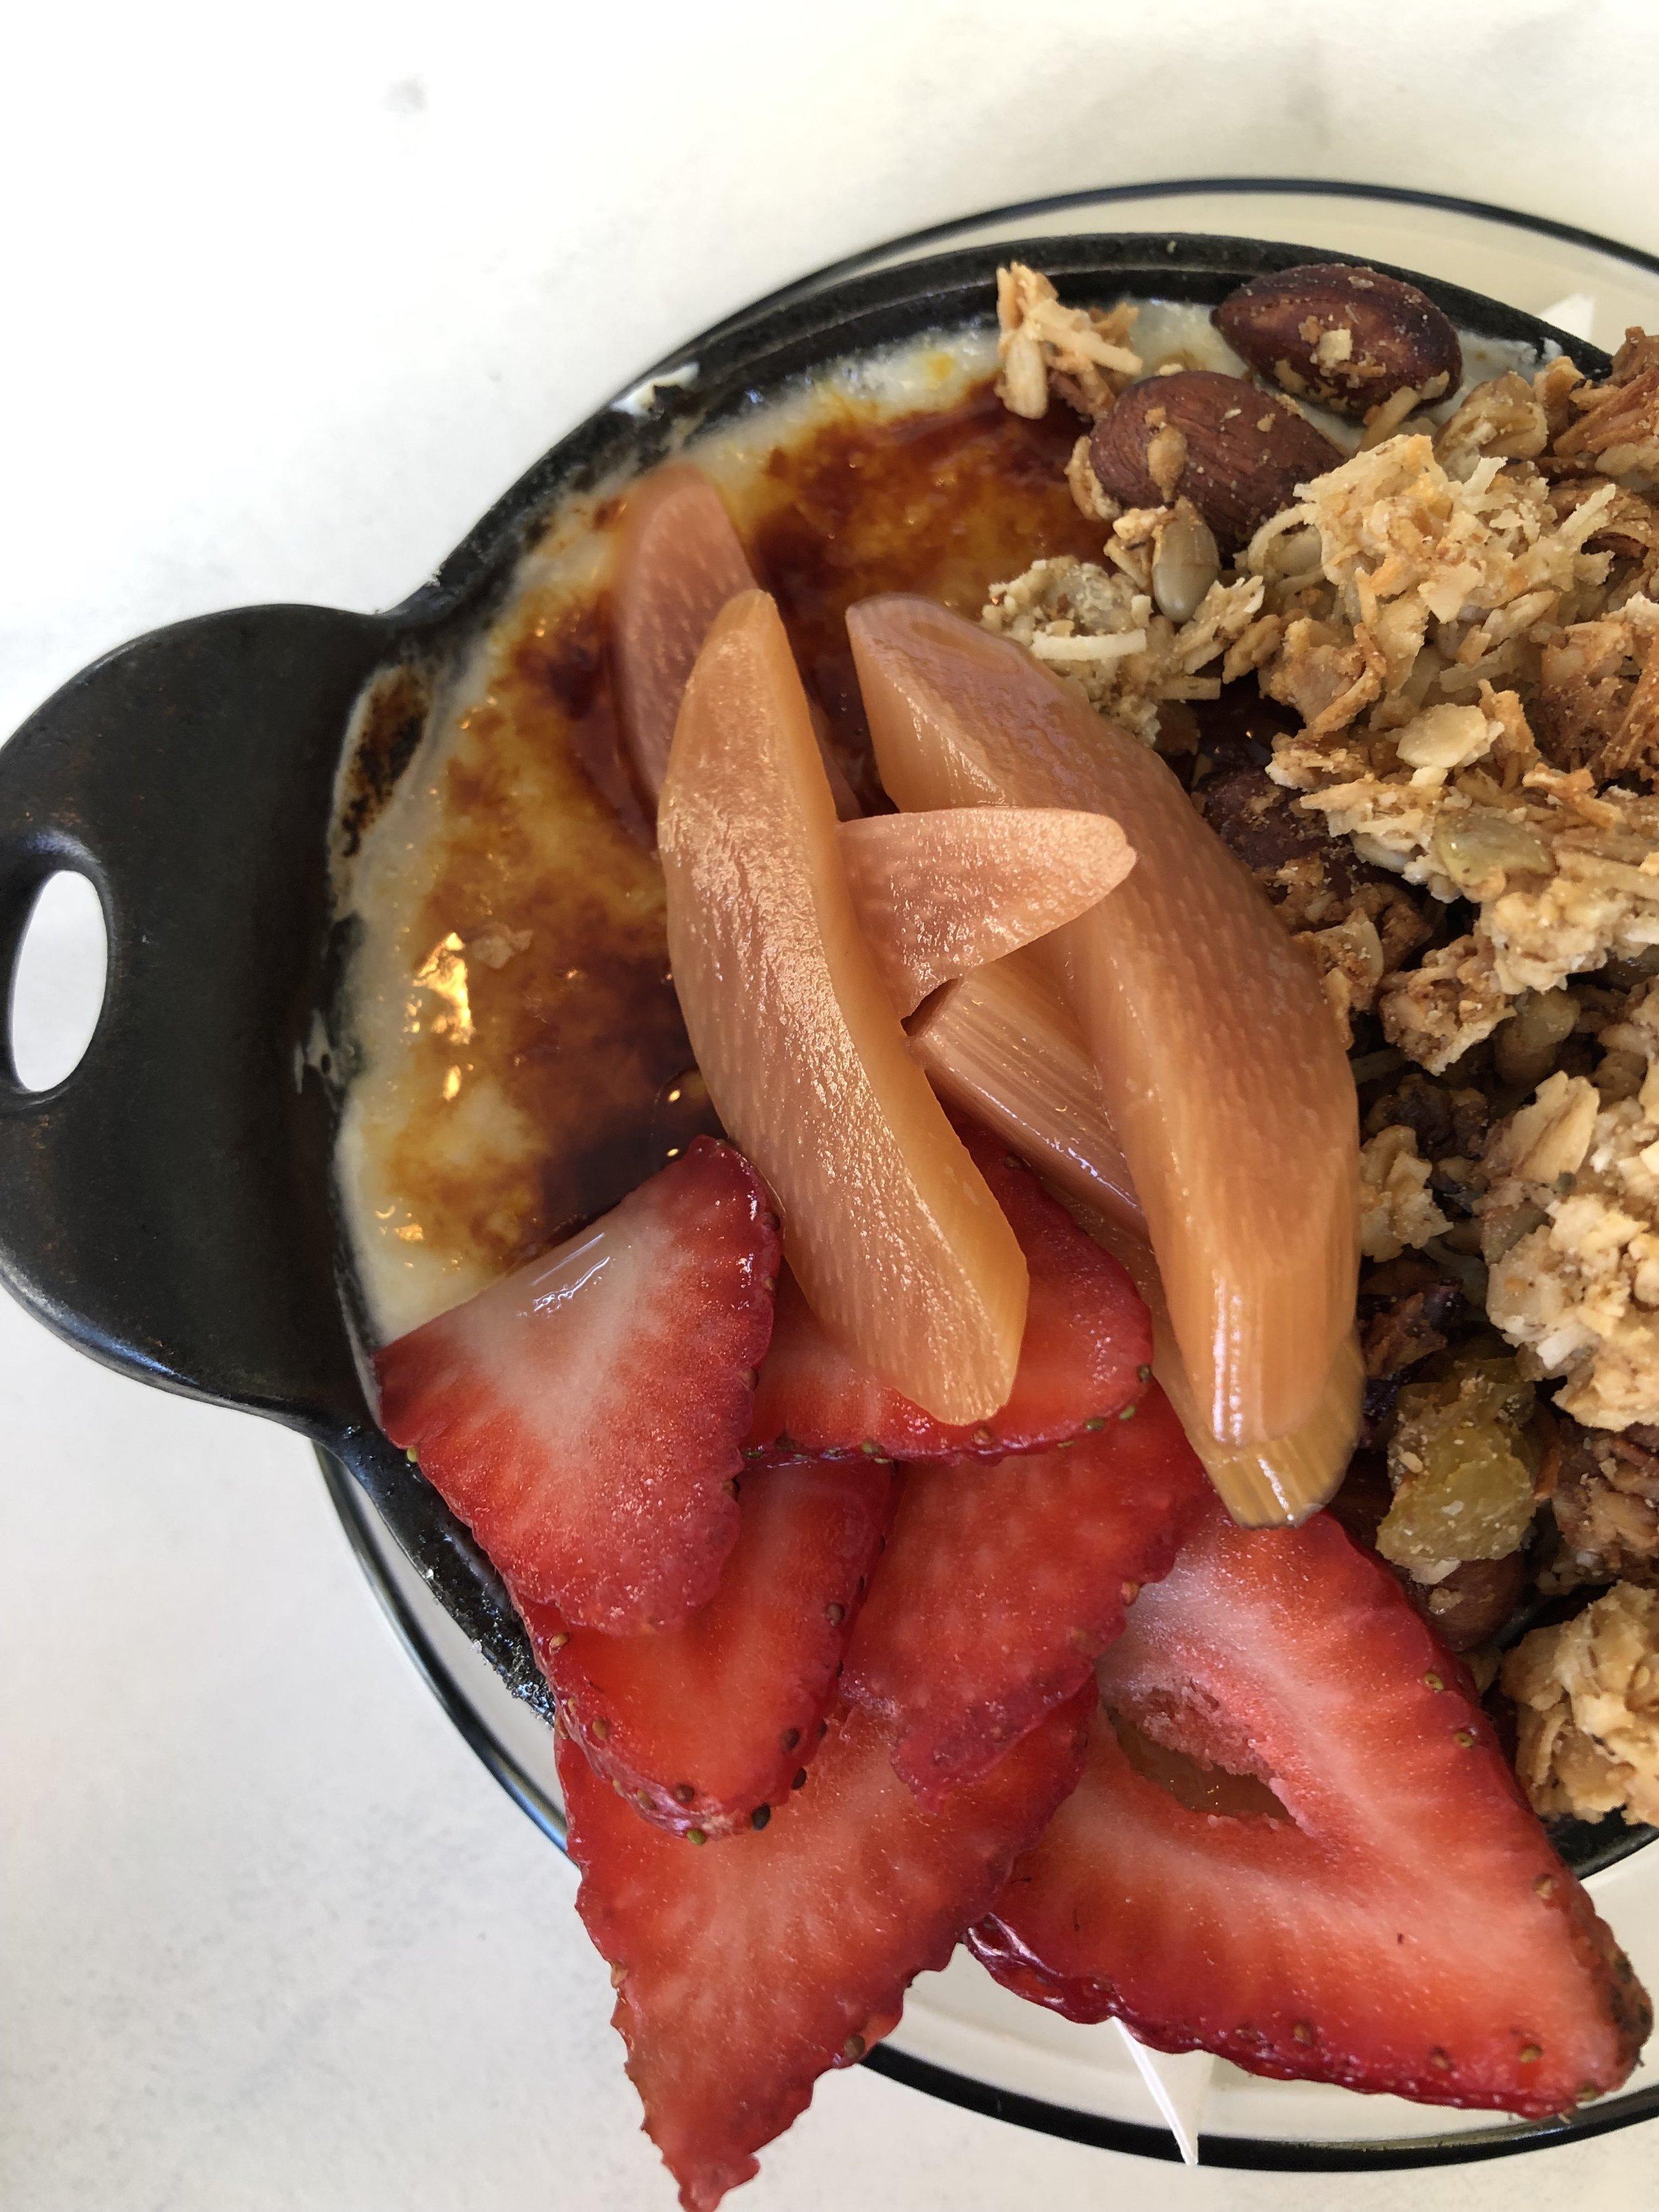 My delicious granola and brûlée yogurt parfait